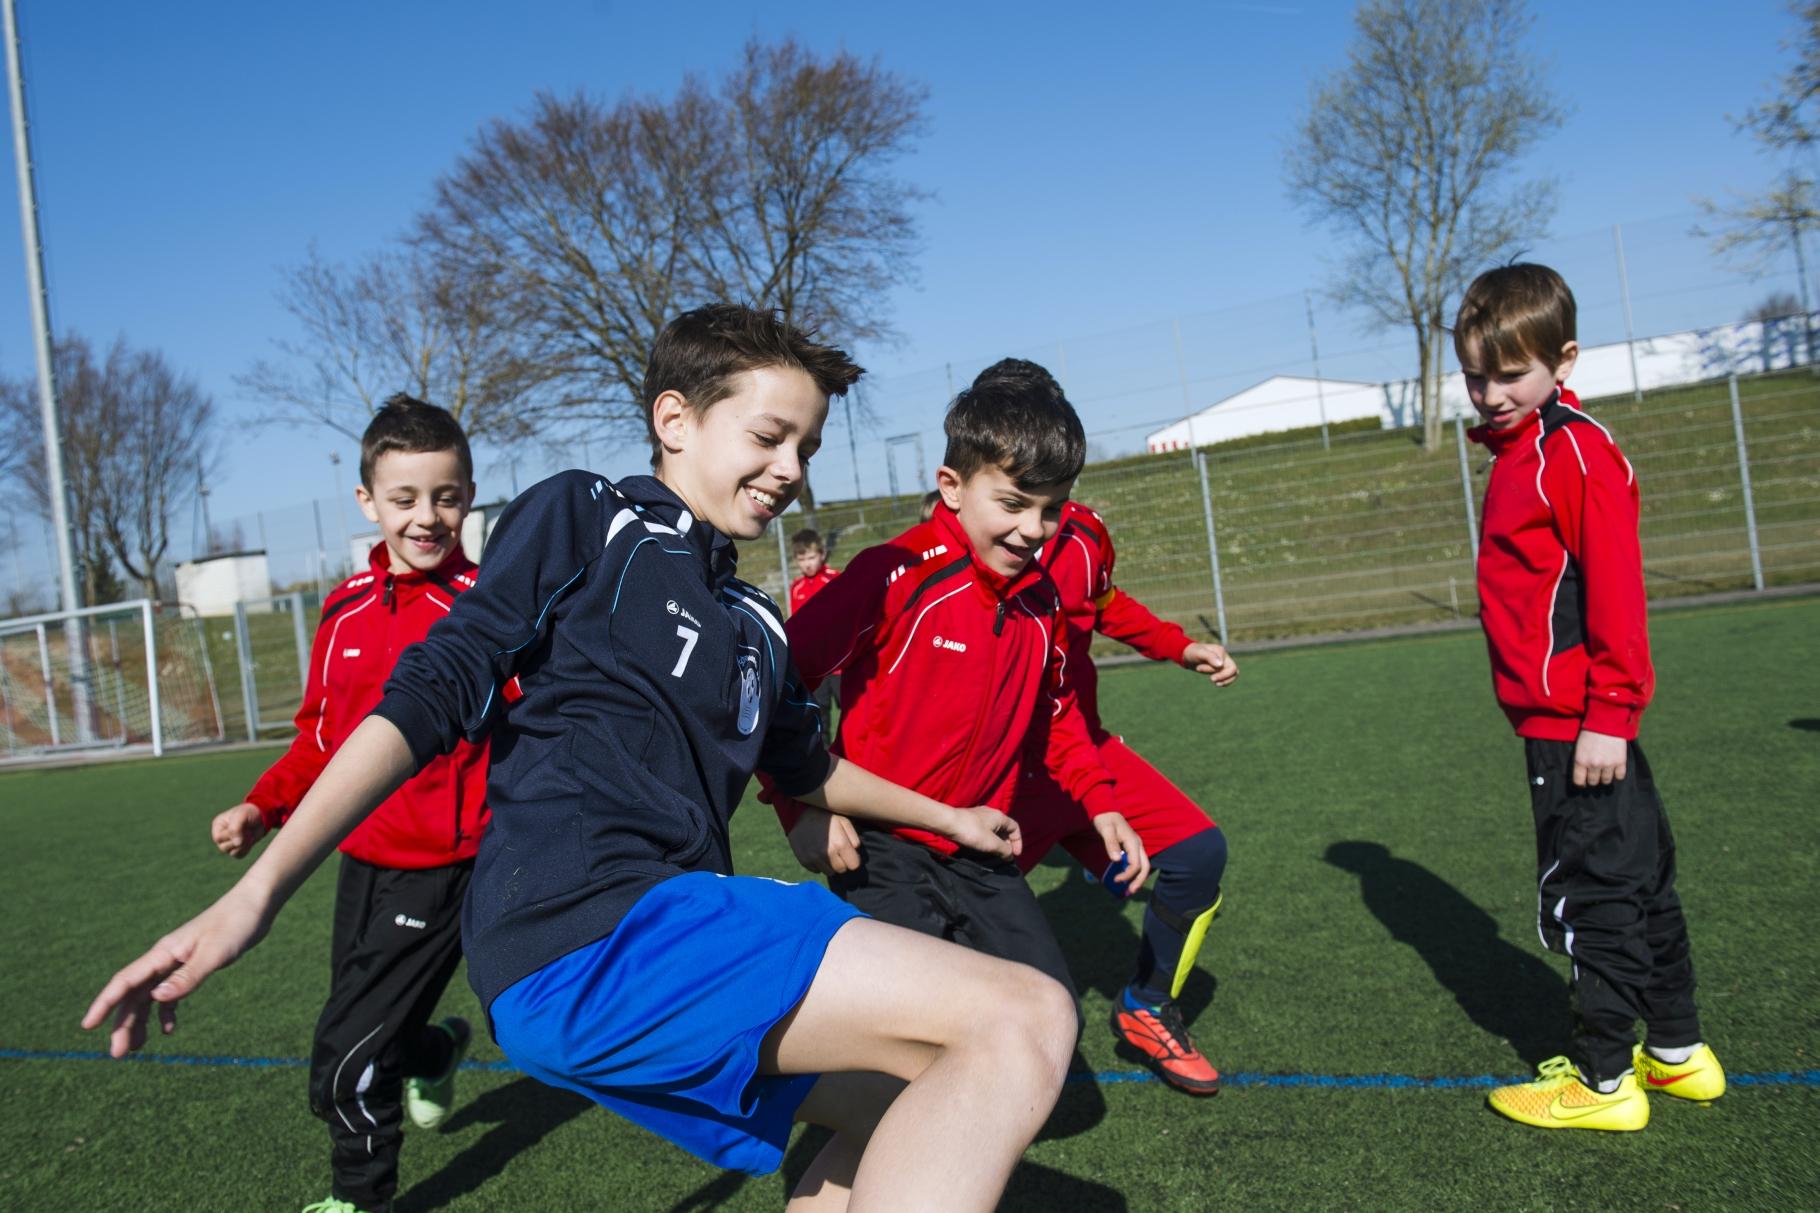 Marel beim Fußballtraining der F-Jugend - Foto: Guido Köninger - Freiwilligen-Zentrum Augsburg